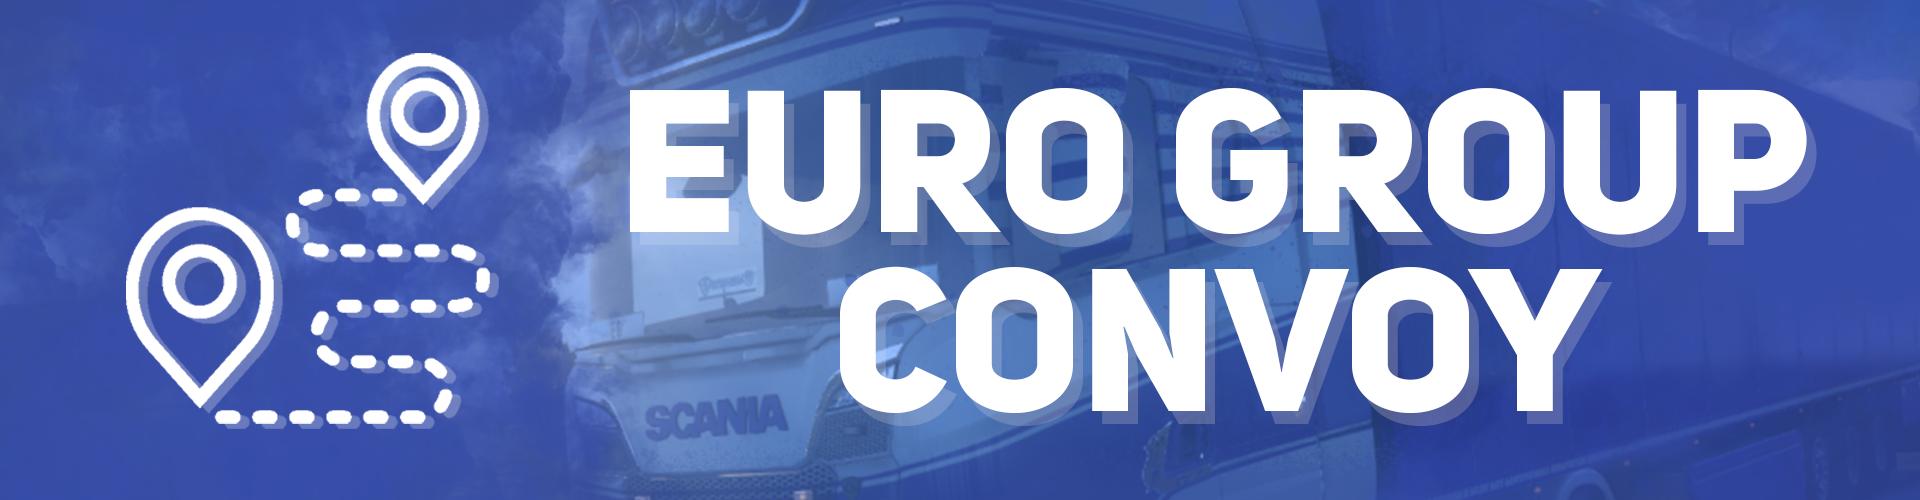 4  Jahre [EG] Euro Group | 4 Years of [EG] Euro Group